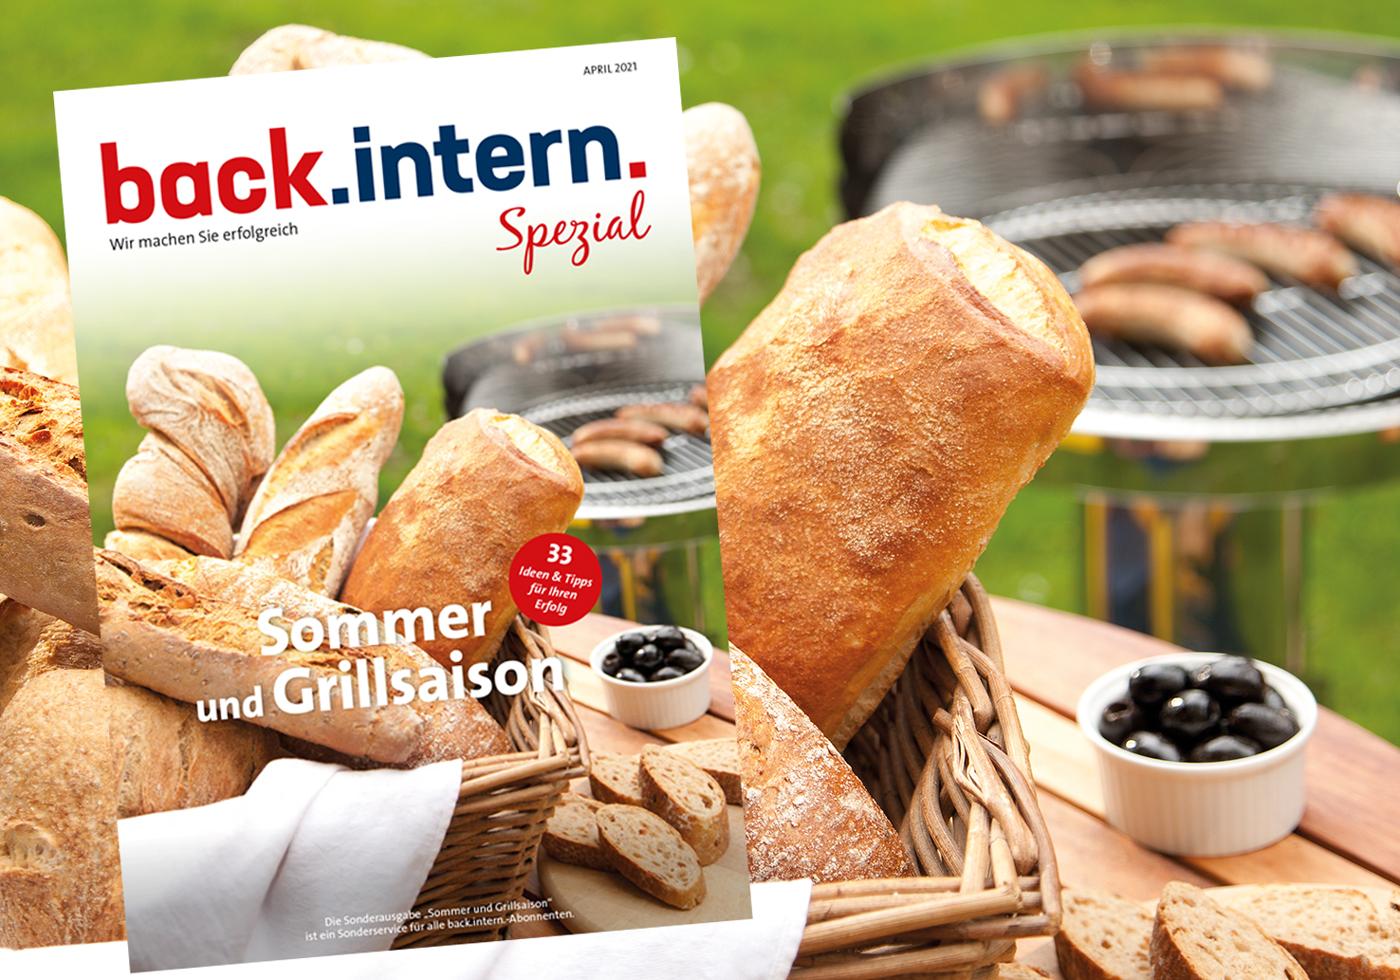 back.intern.-Spezial Sommer & Grillsaison